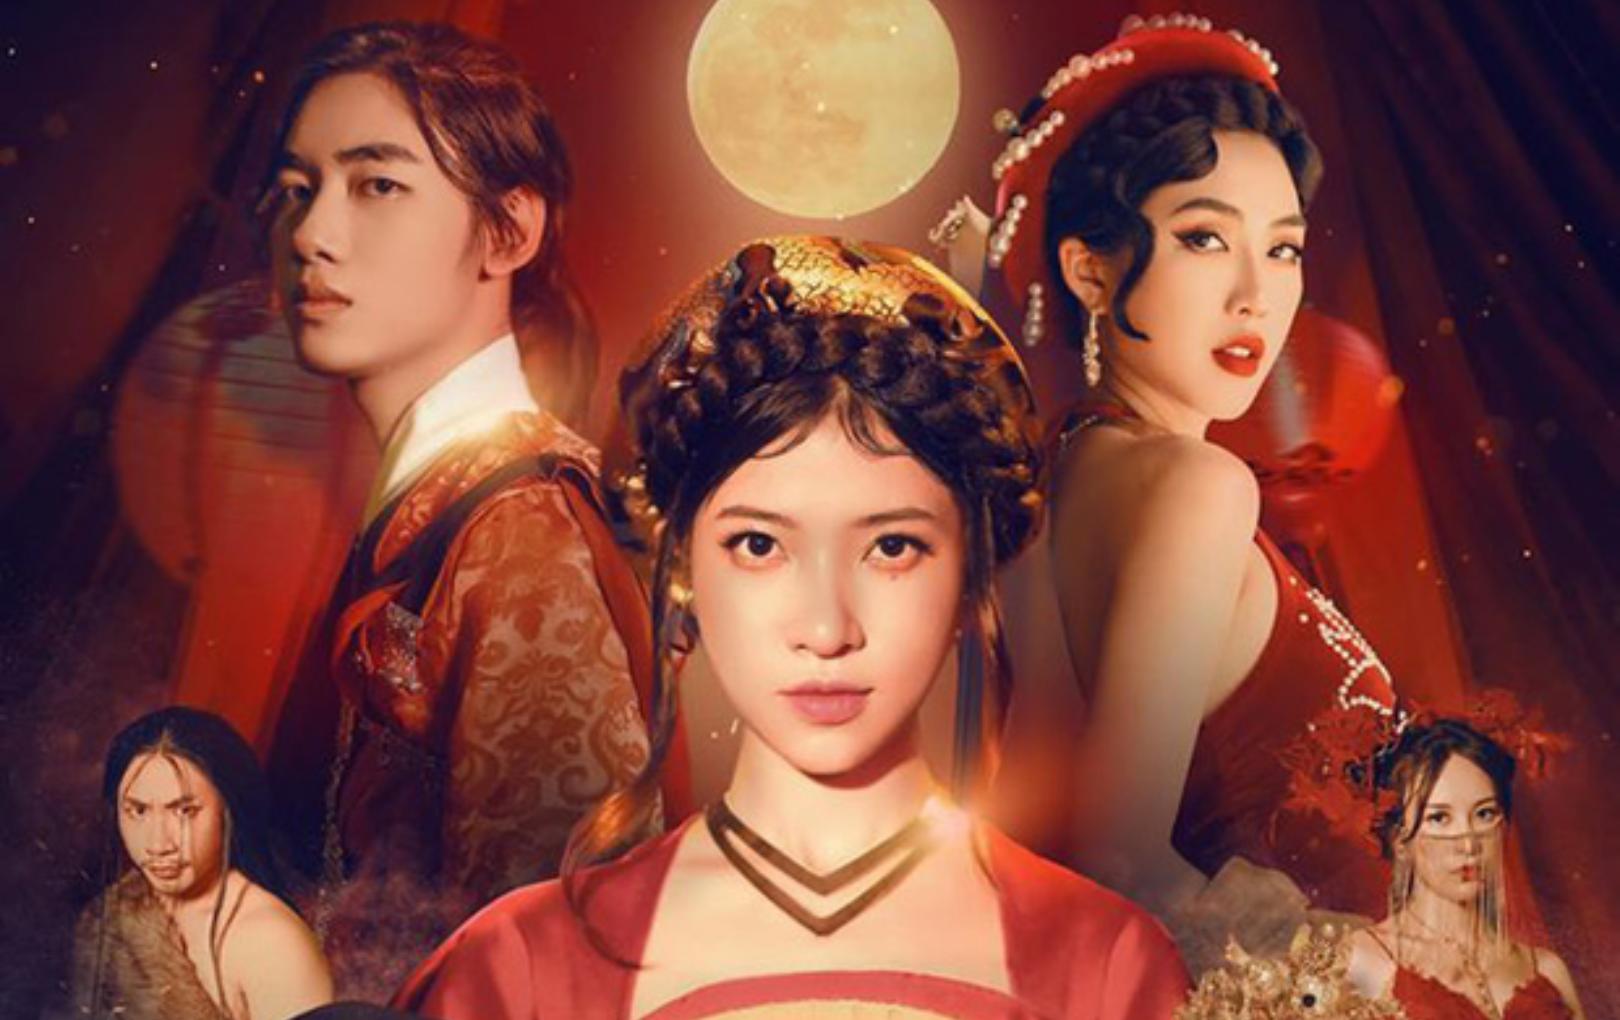 """K-ICM tung poster comeback kết hợp với giọng ca """"Túy âm"""", tạo hình cổ trang gây chú ý"""